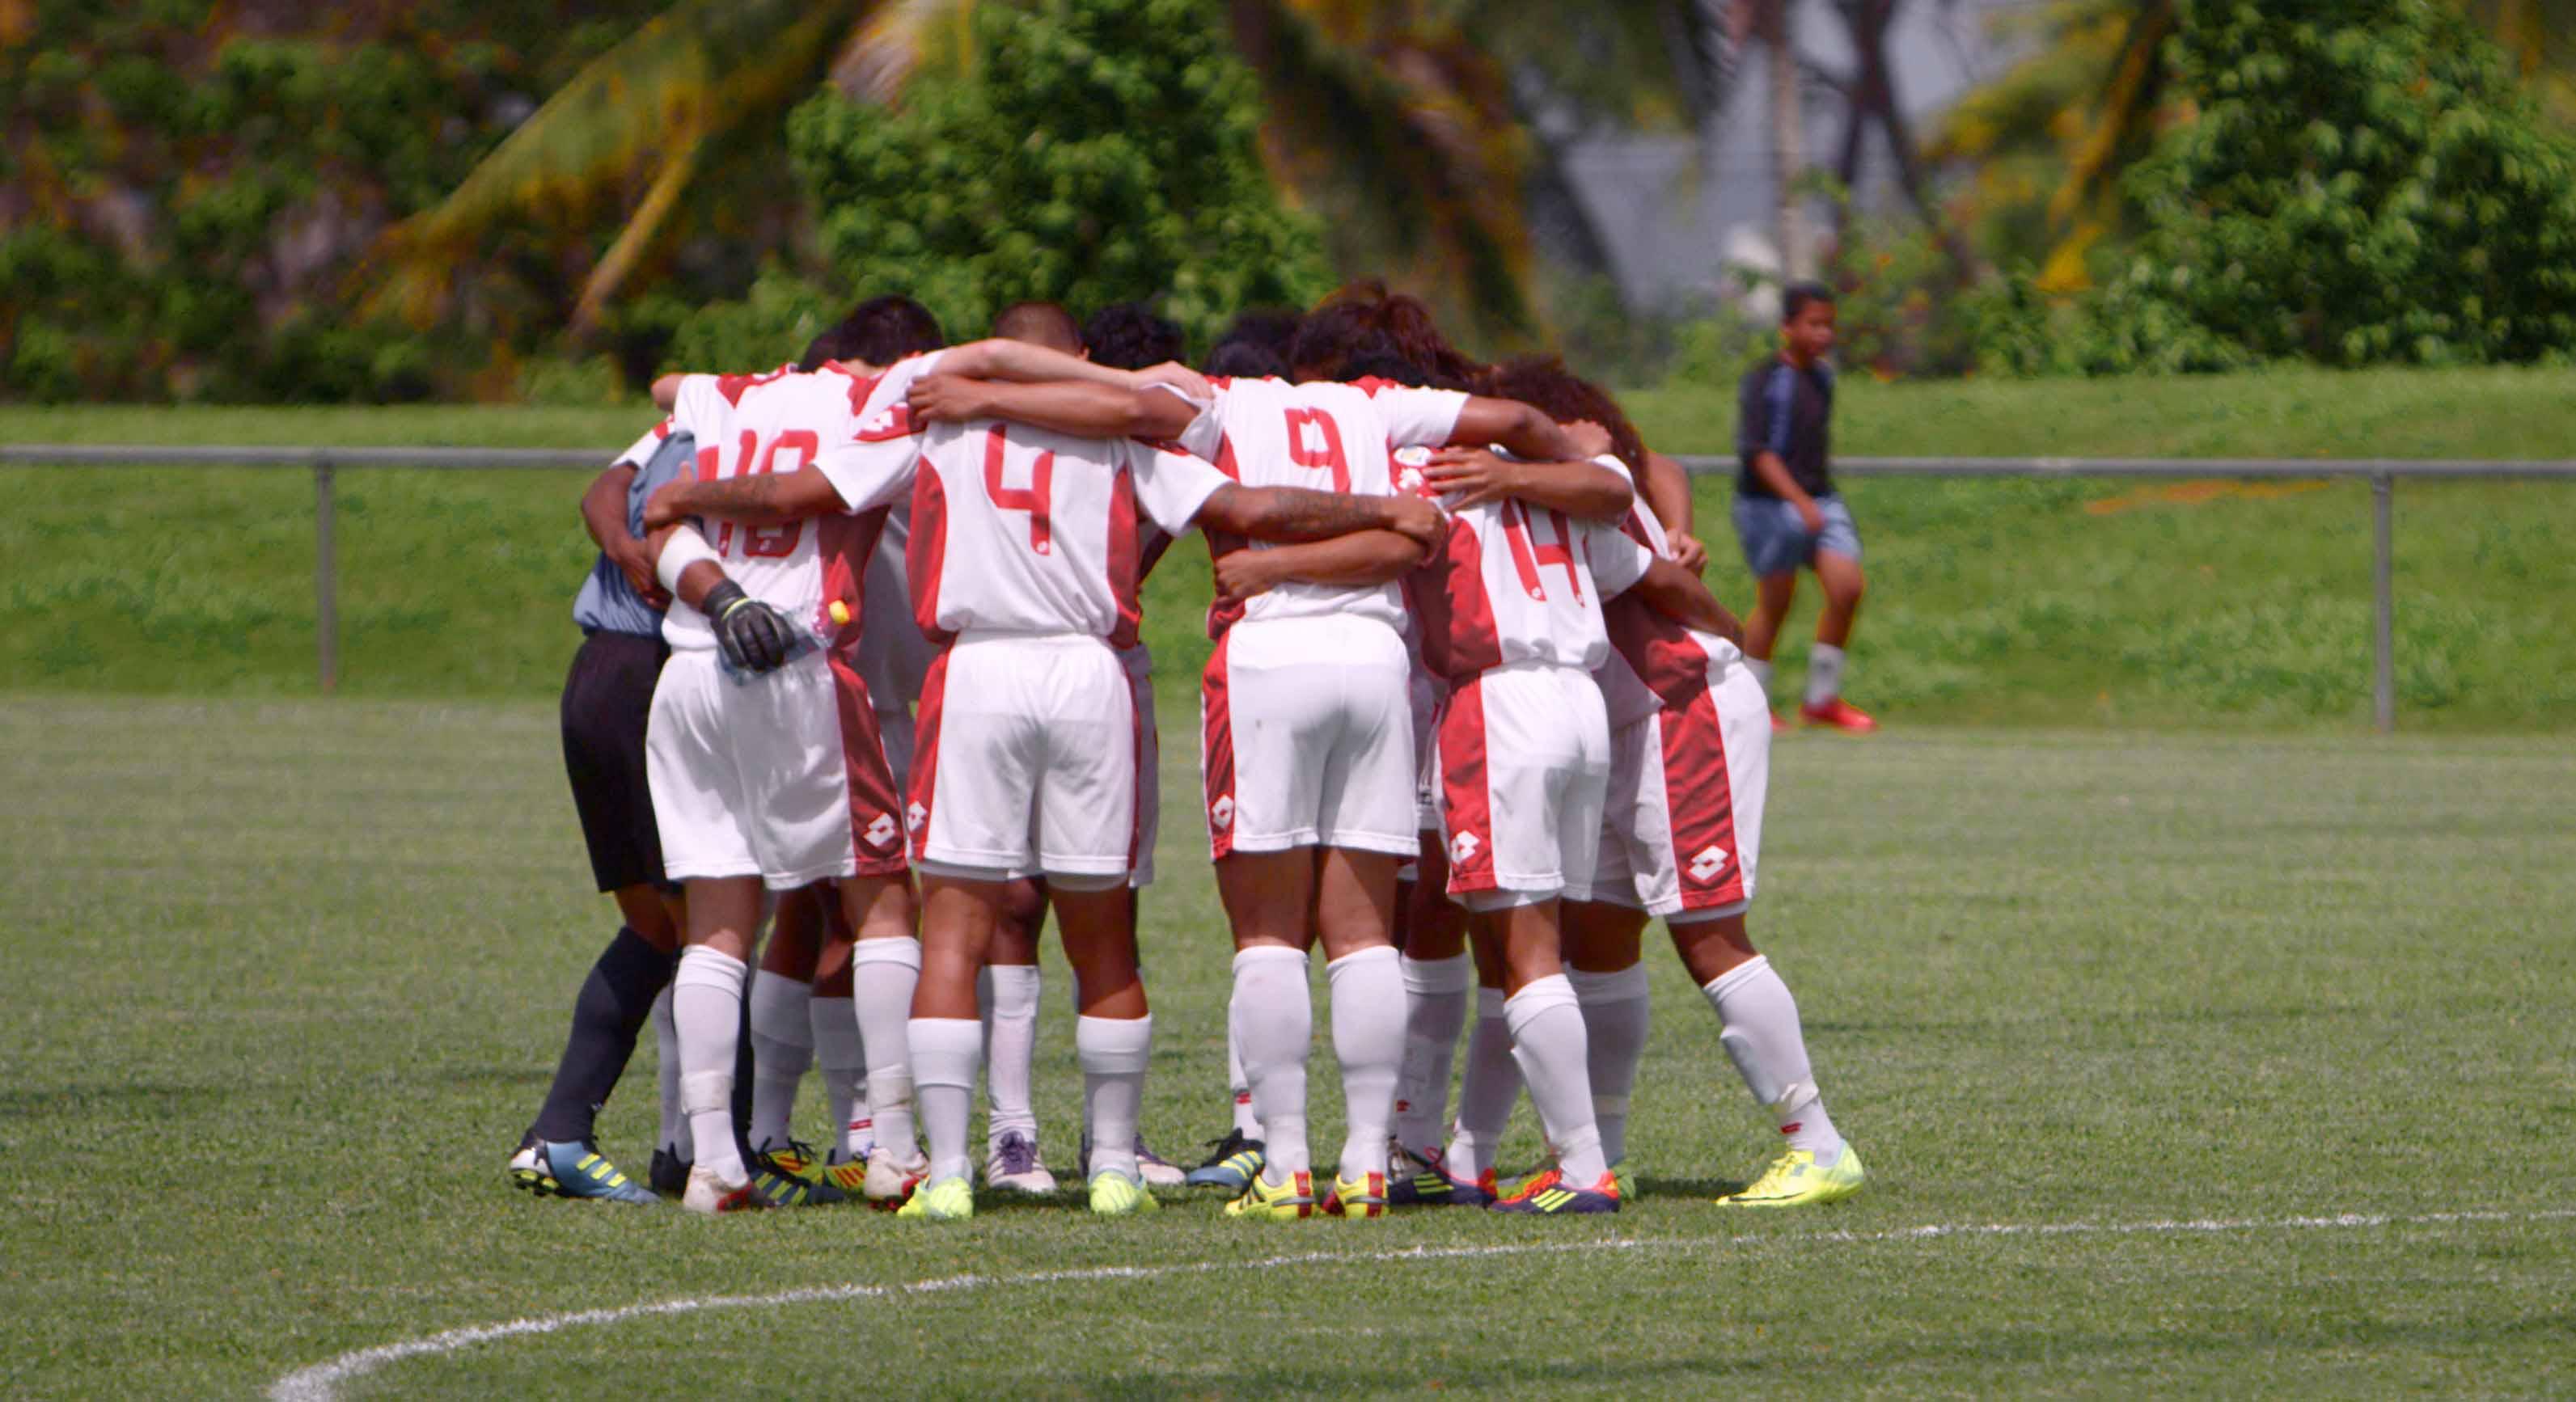 サッカーアメリカ領サモア代表 - American Samoa national football teamForgot Password